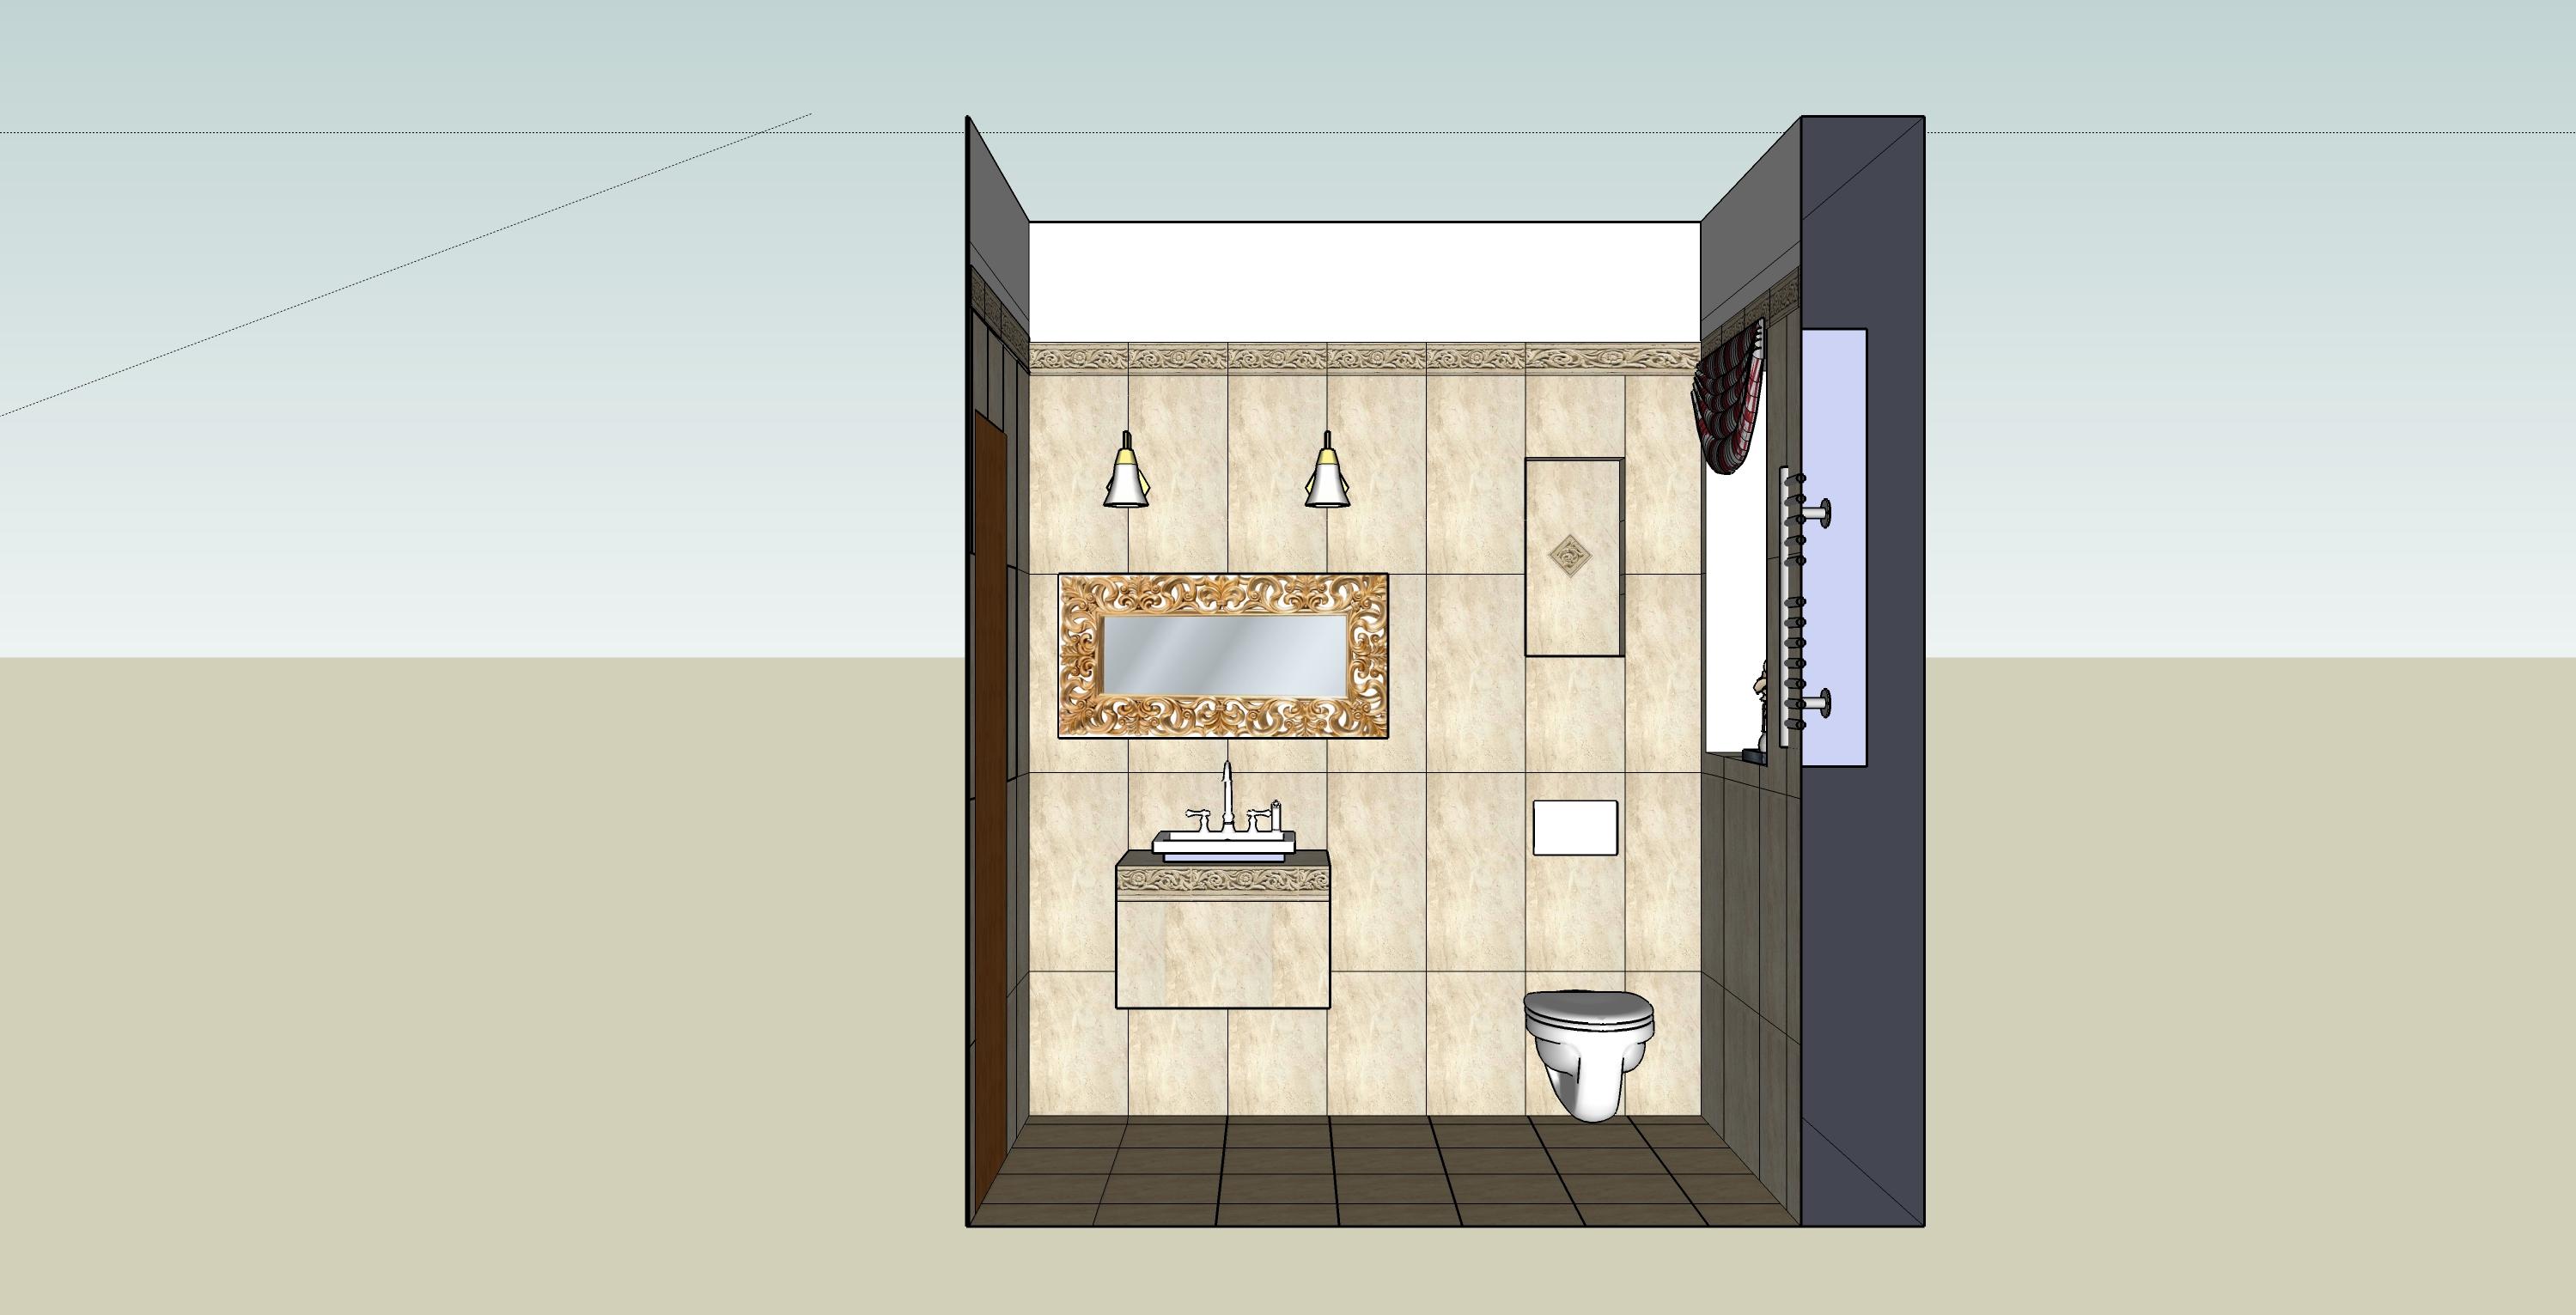 łazienka sketchUp-przekrój3